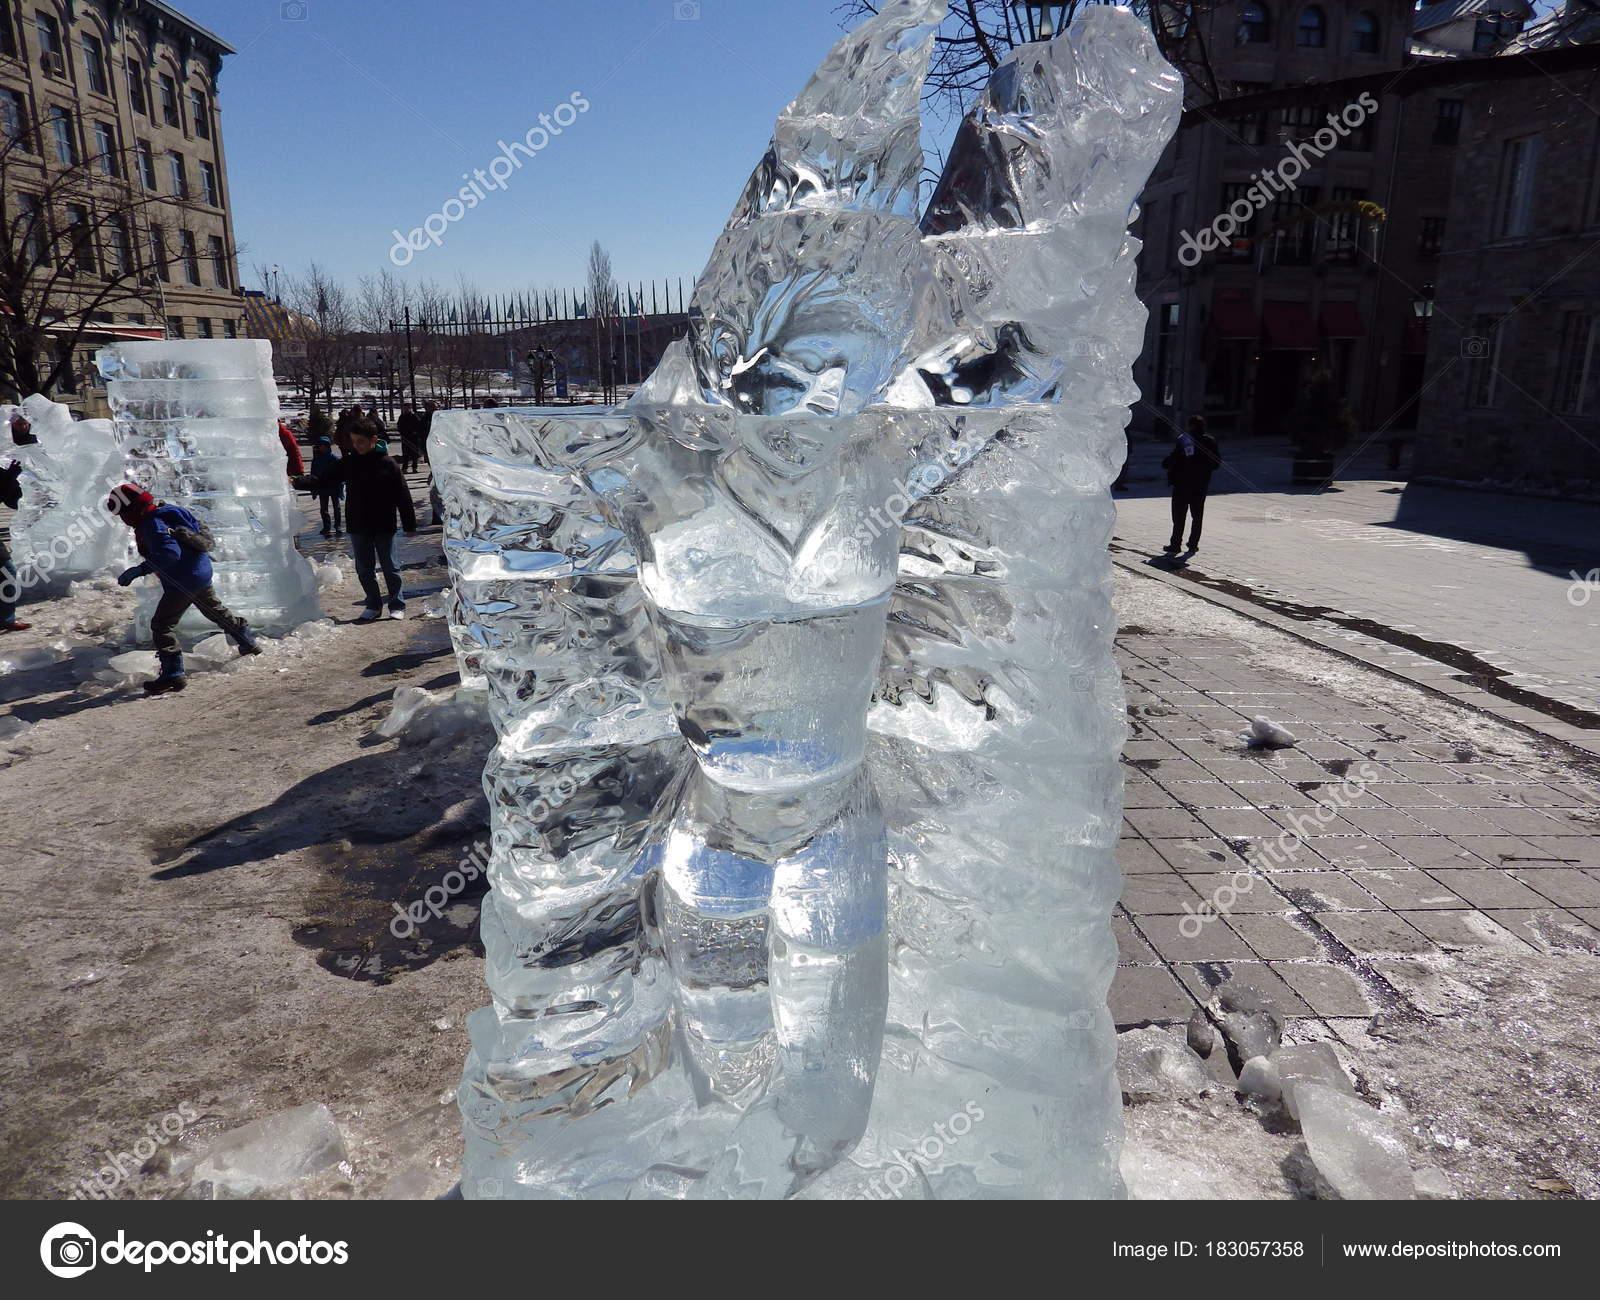 Χειροποίητα σκαλιστά γλυπτά πάγου στους δρόμους του Μόντρεαλ. Αυτά είναι  παραδοσιακό παλιό Μόντρεαλ κατά τη c5a2125b354